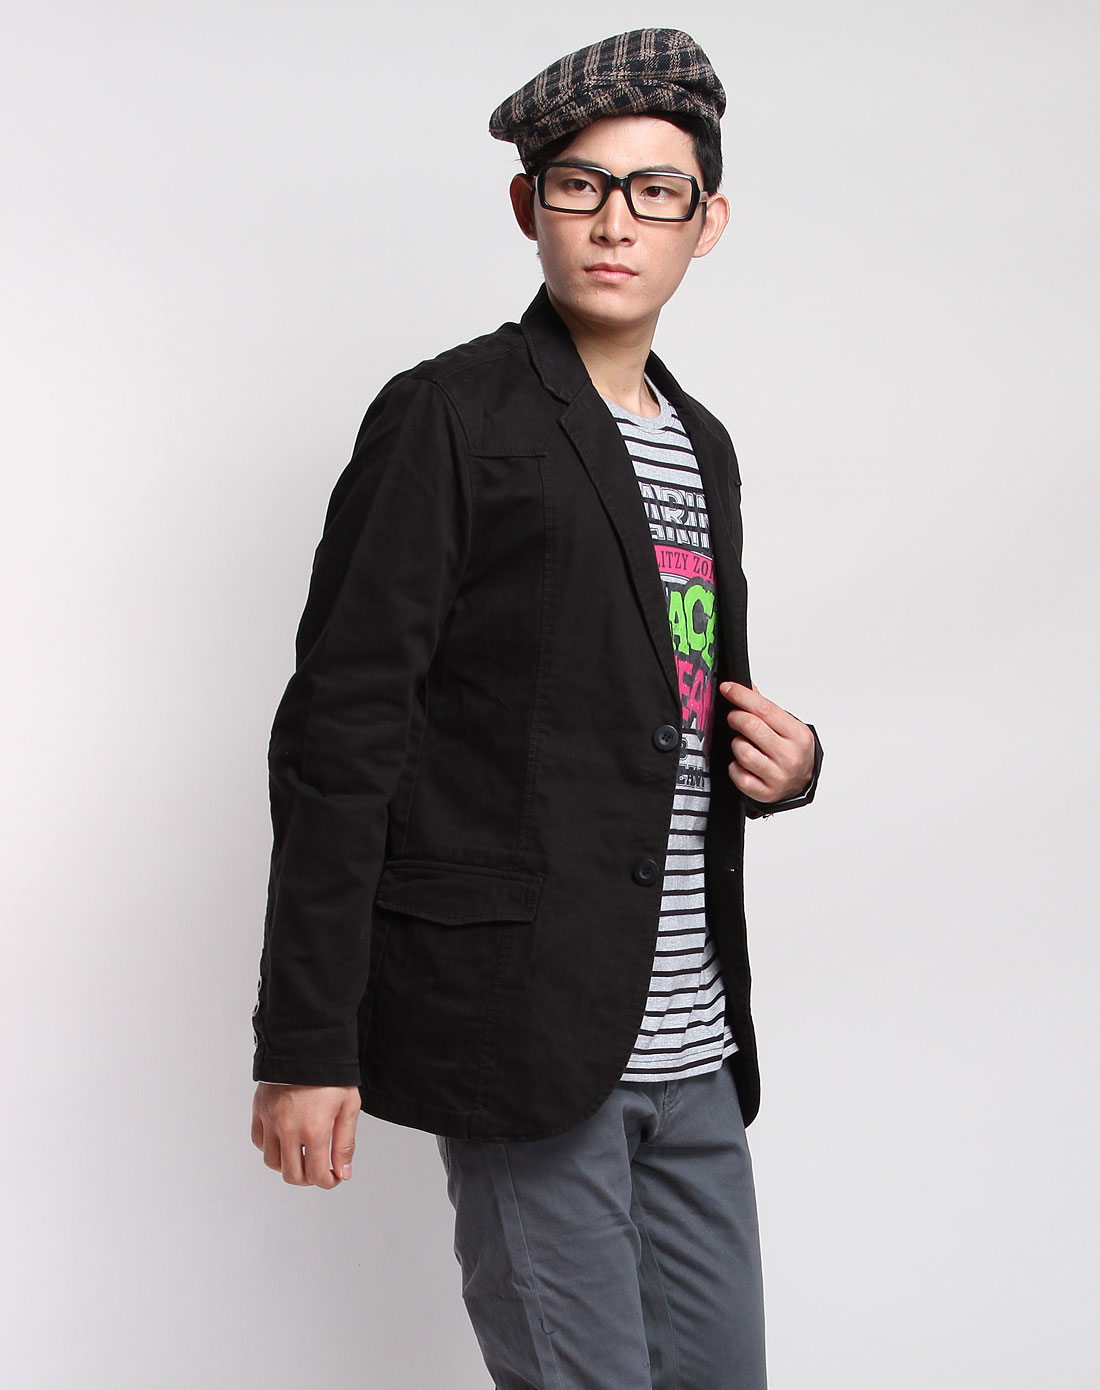 黑色基本款长袖休闲西装